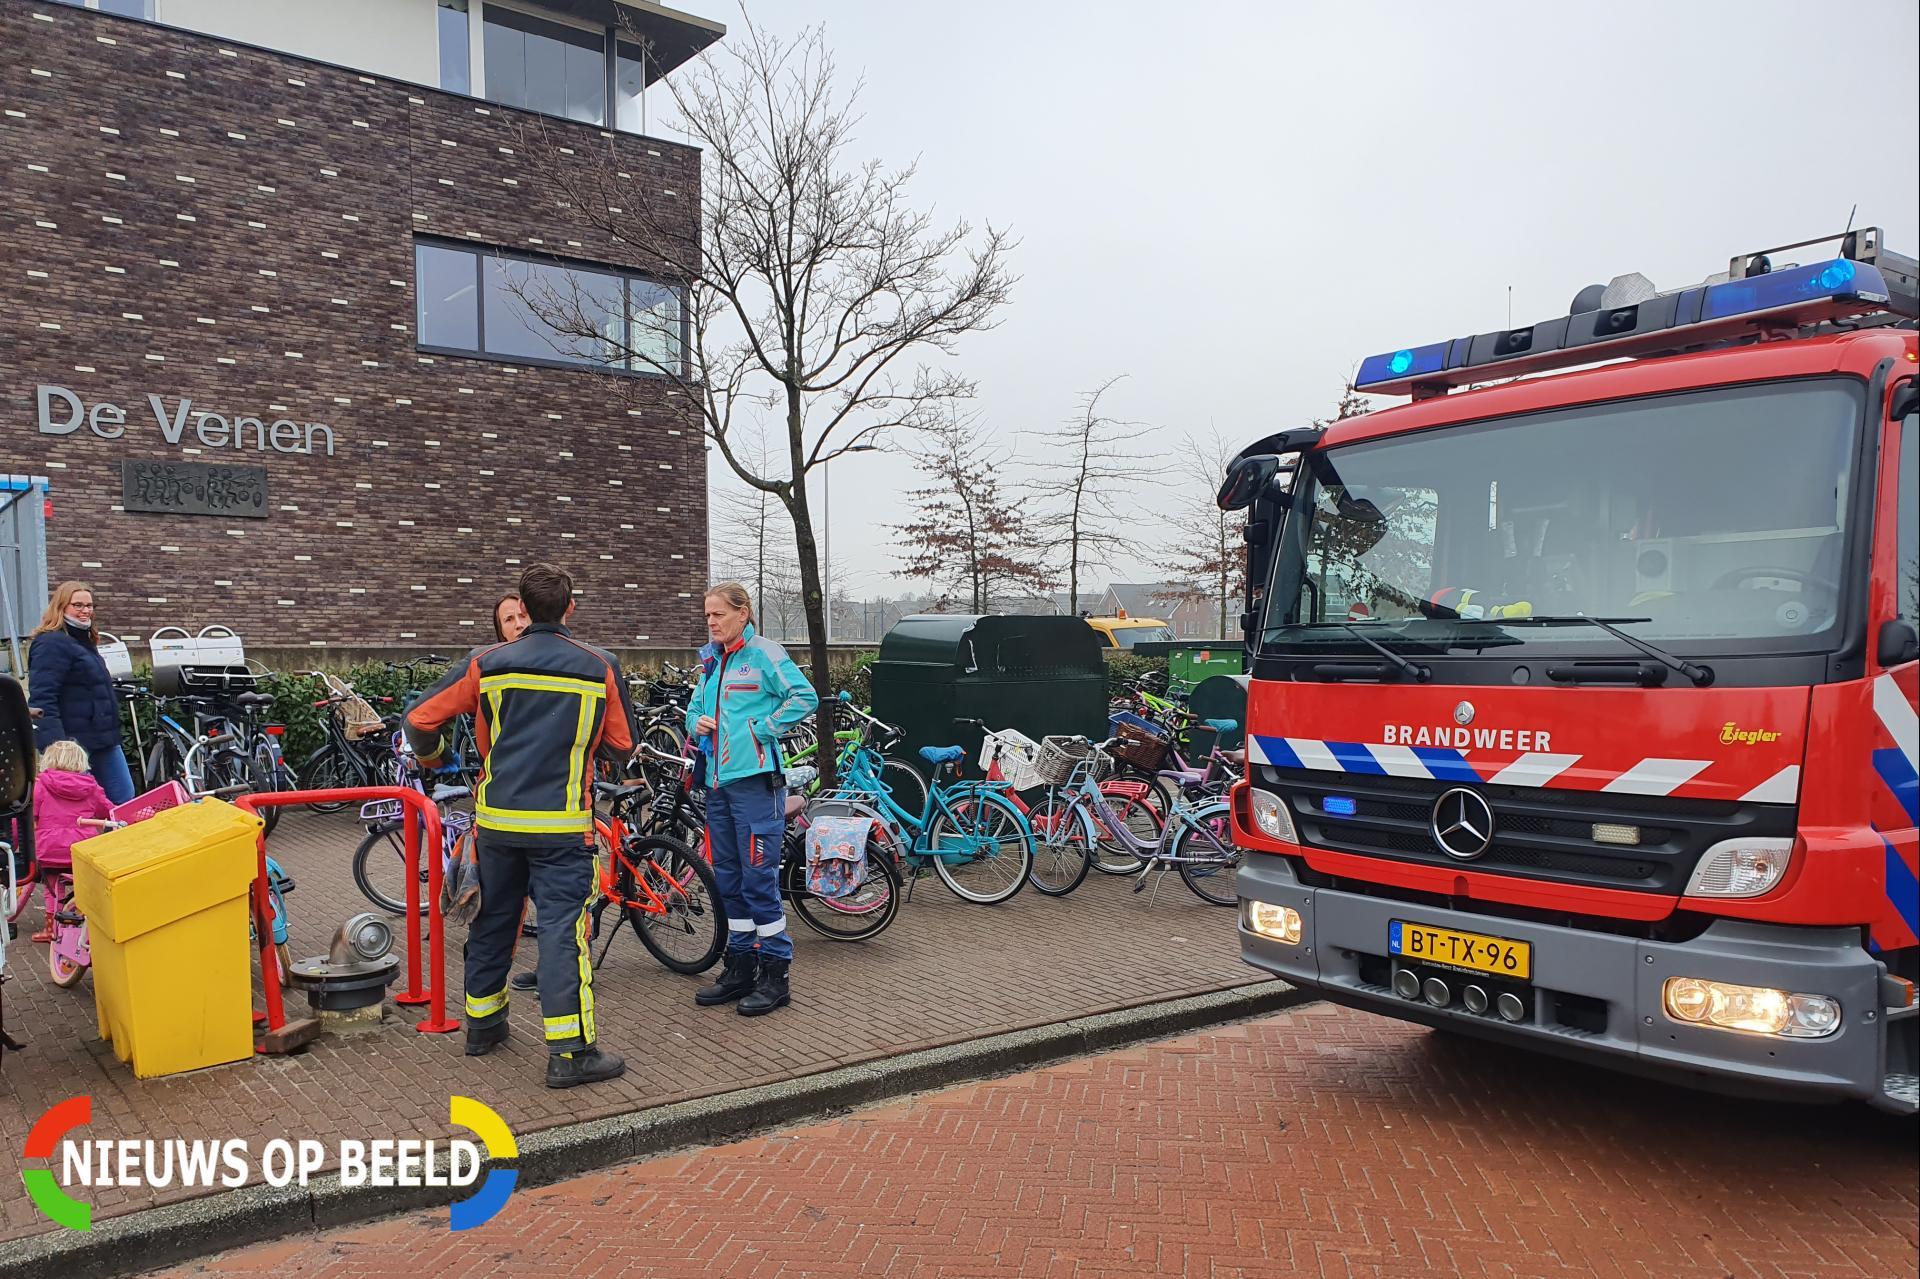 Meisje met voet klem tussen spaken van fiets Hooiweide Reeuwijk